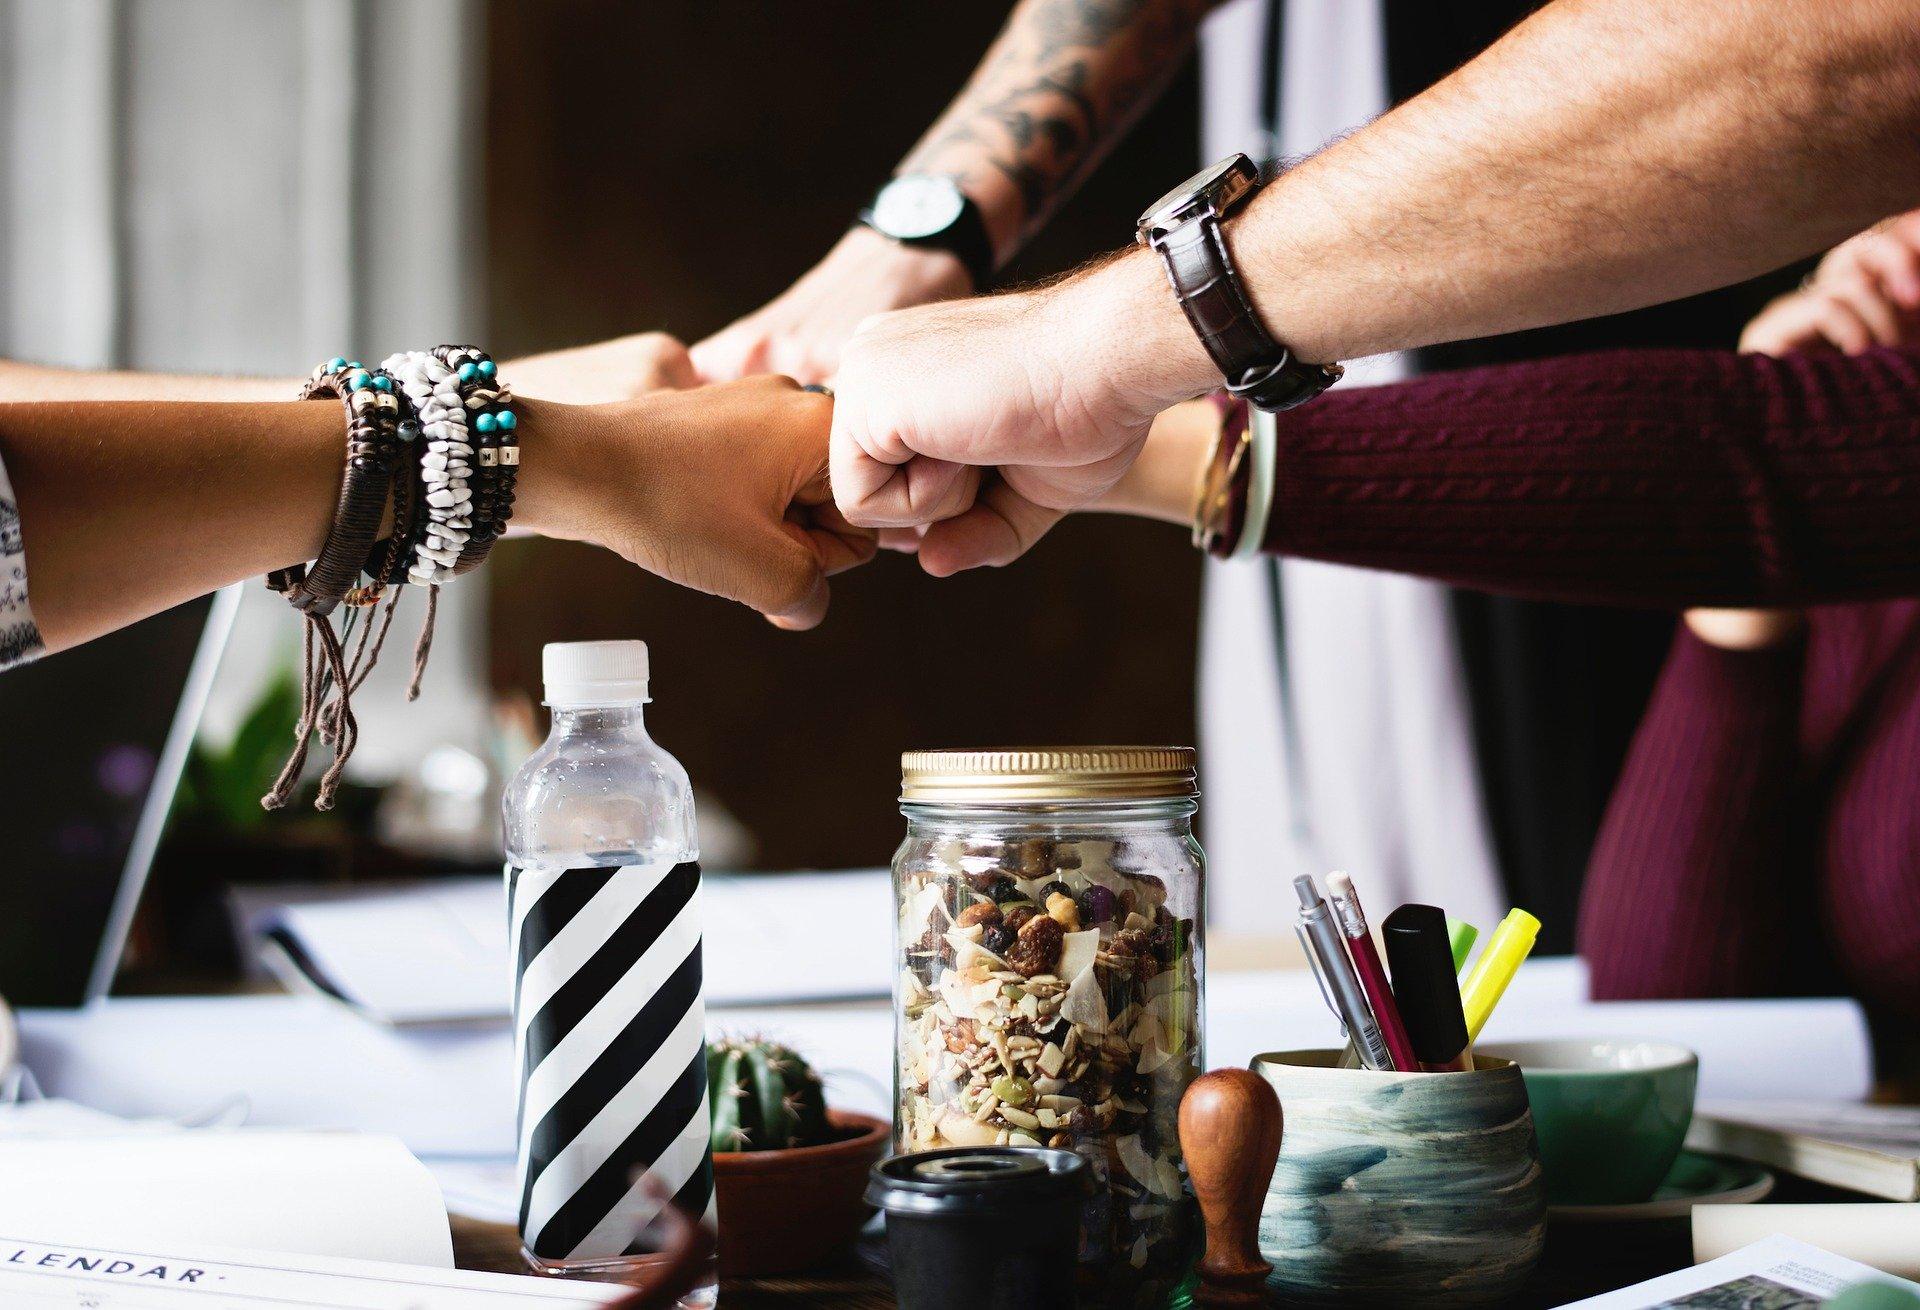 Notre association est à la recherche d'un/e responsable de projets associatifs